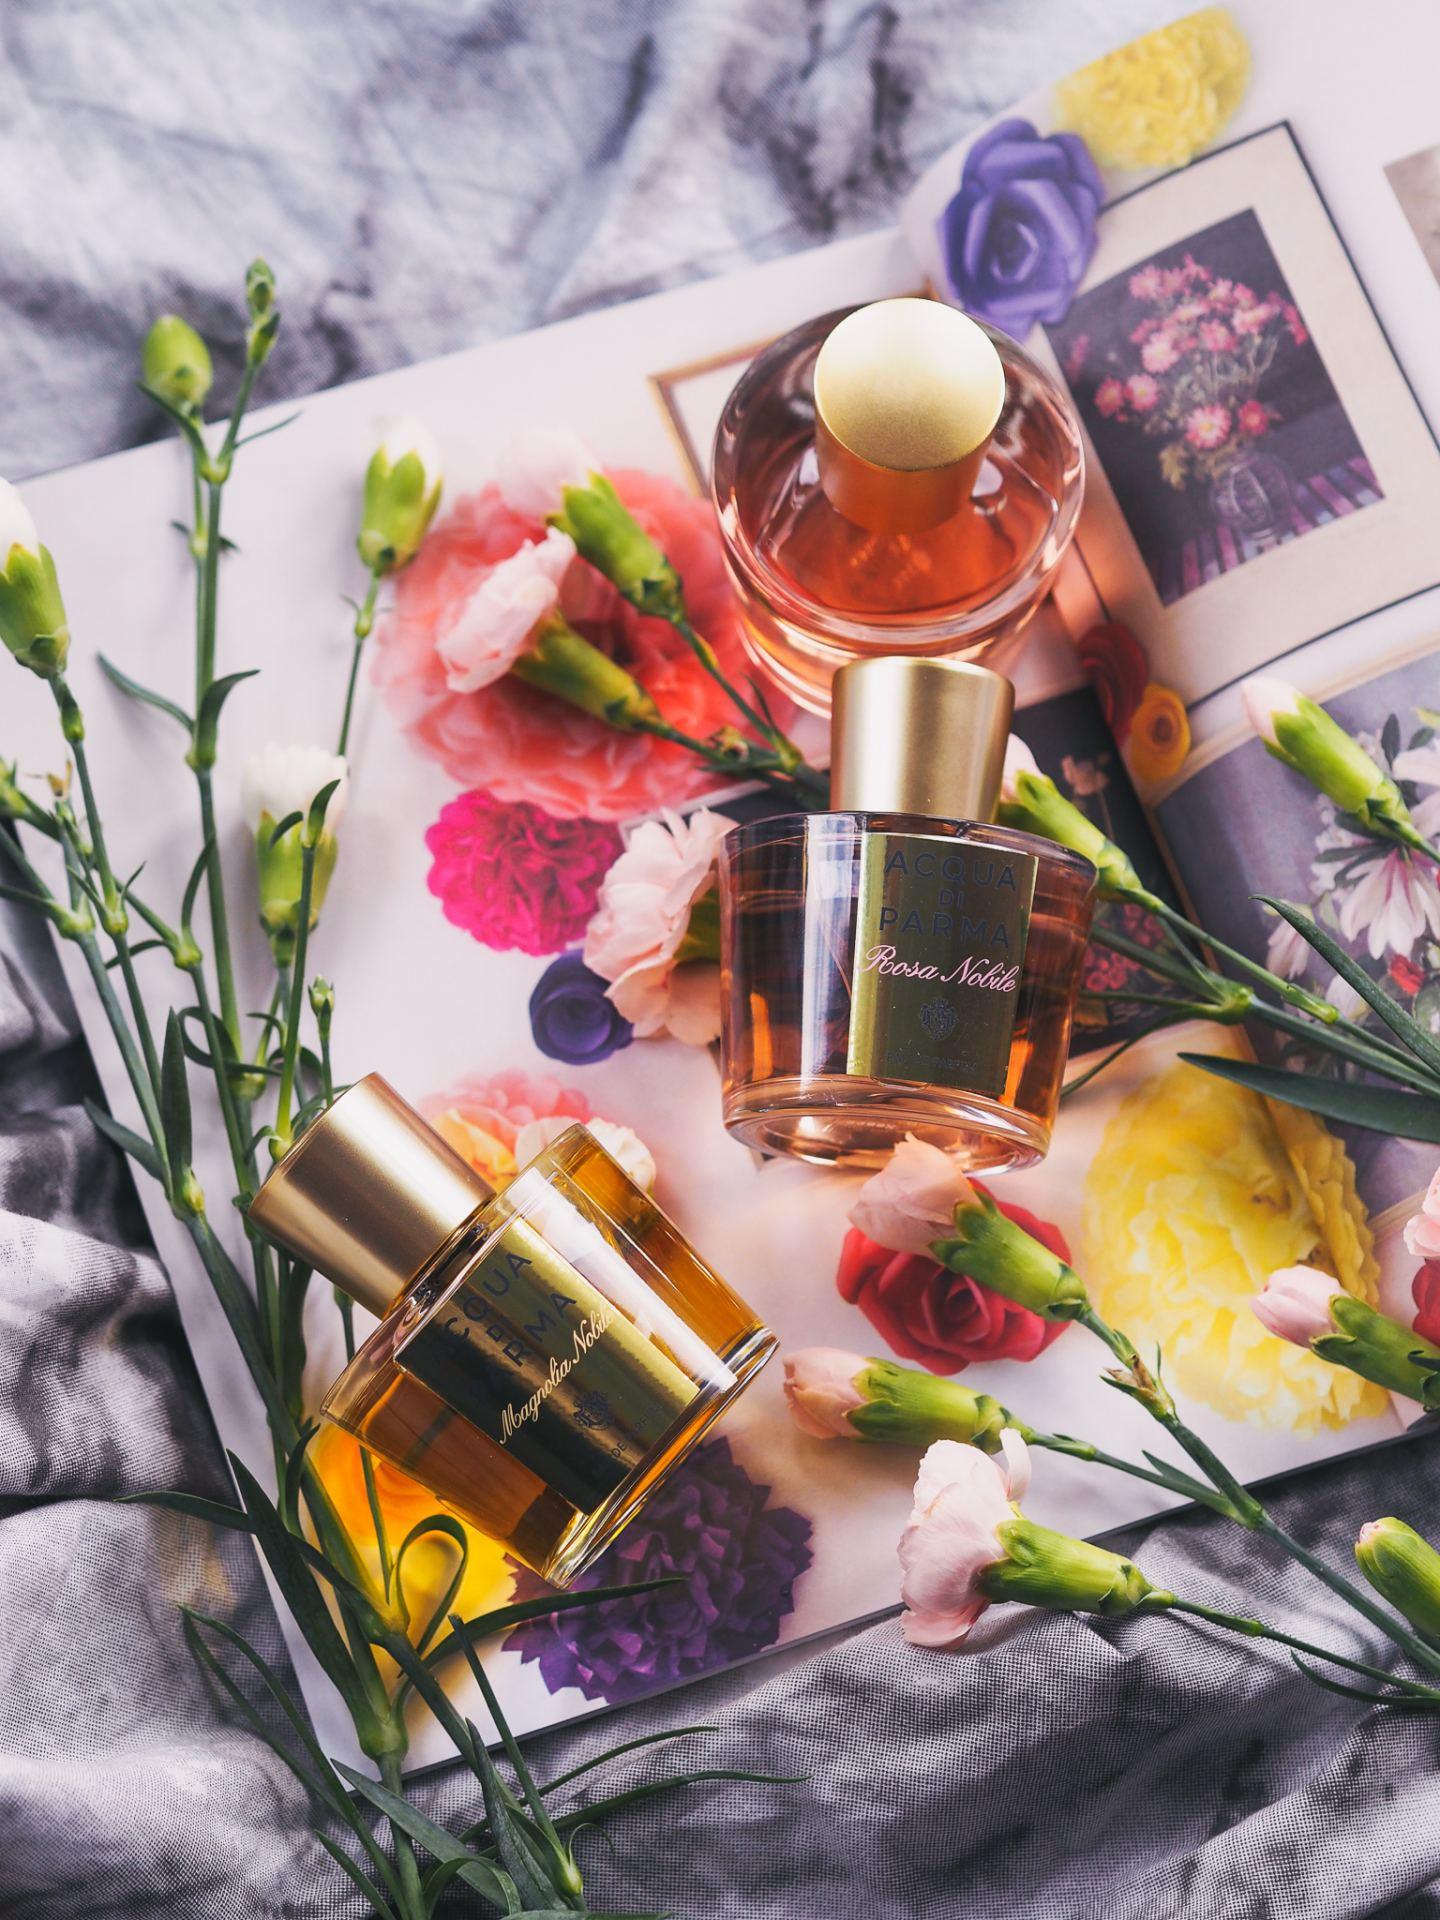 acqua di parma magnolia nobili parfum le nobili collection rosa peonia